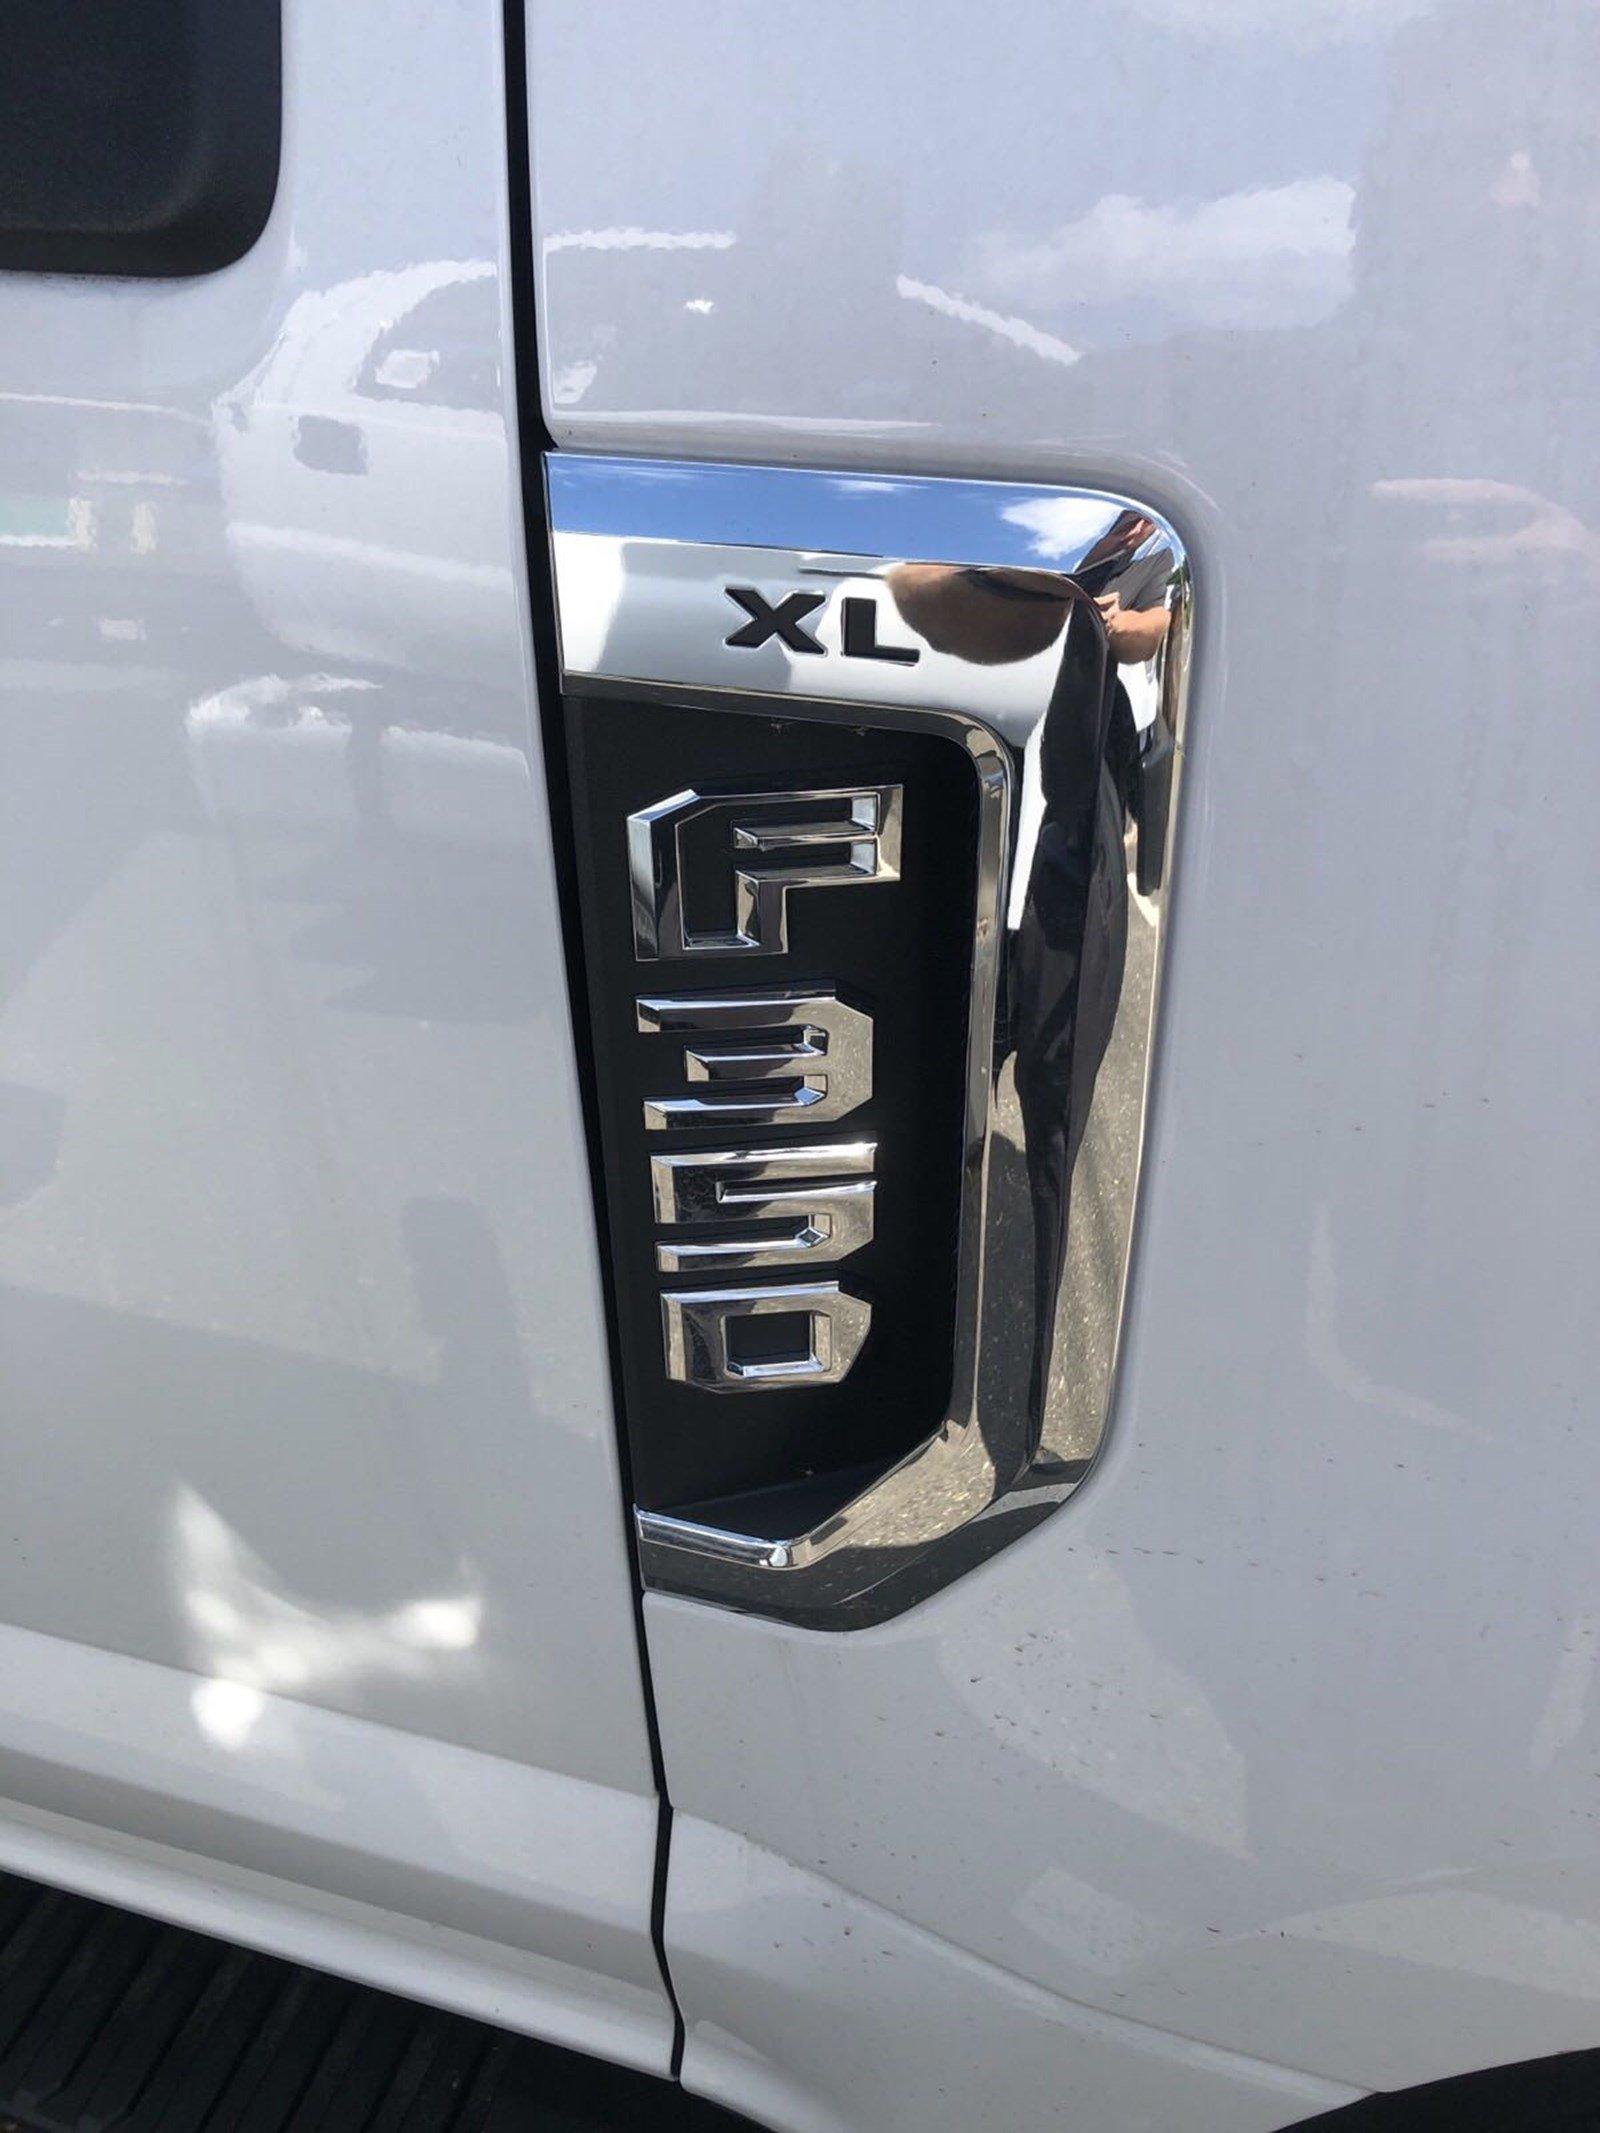 2019 F-350 Regular Cab DRW 4x4,  Rugby Z-Spec Dump Body #ST016 - photo 5